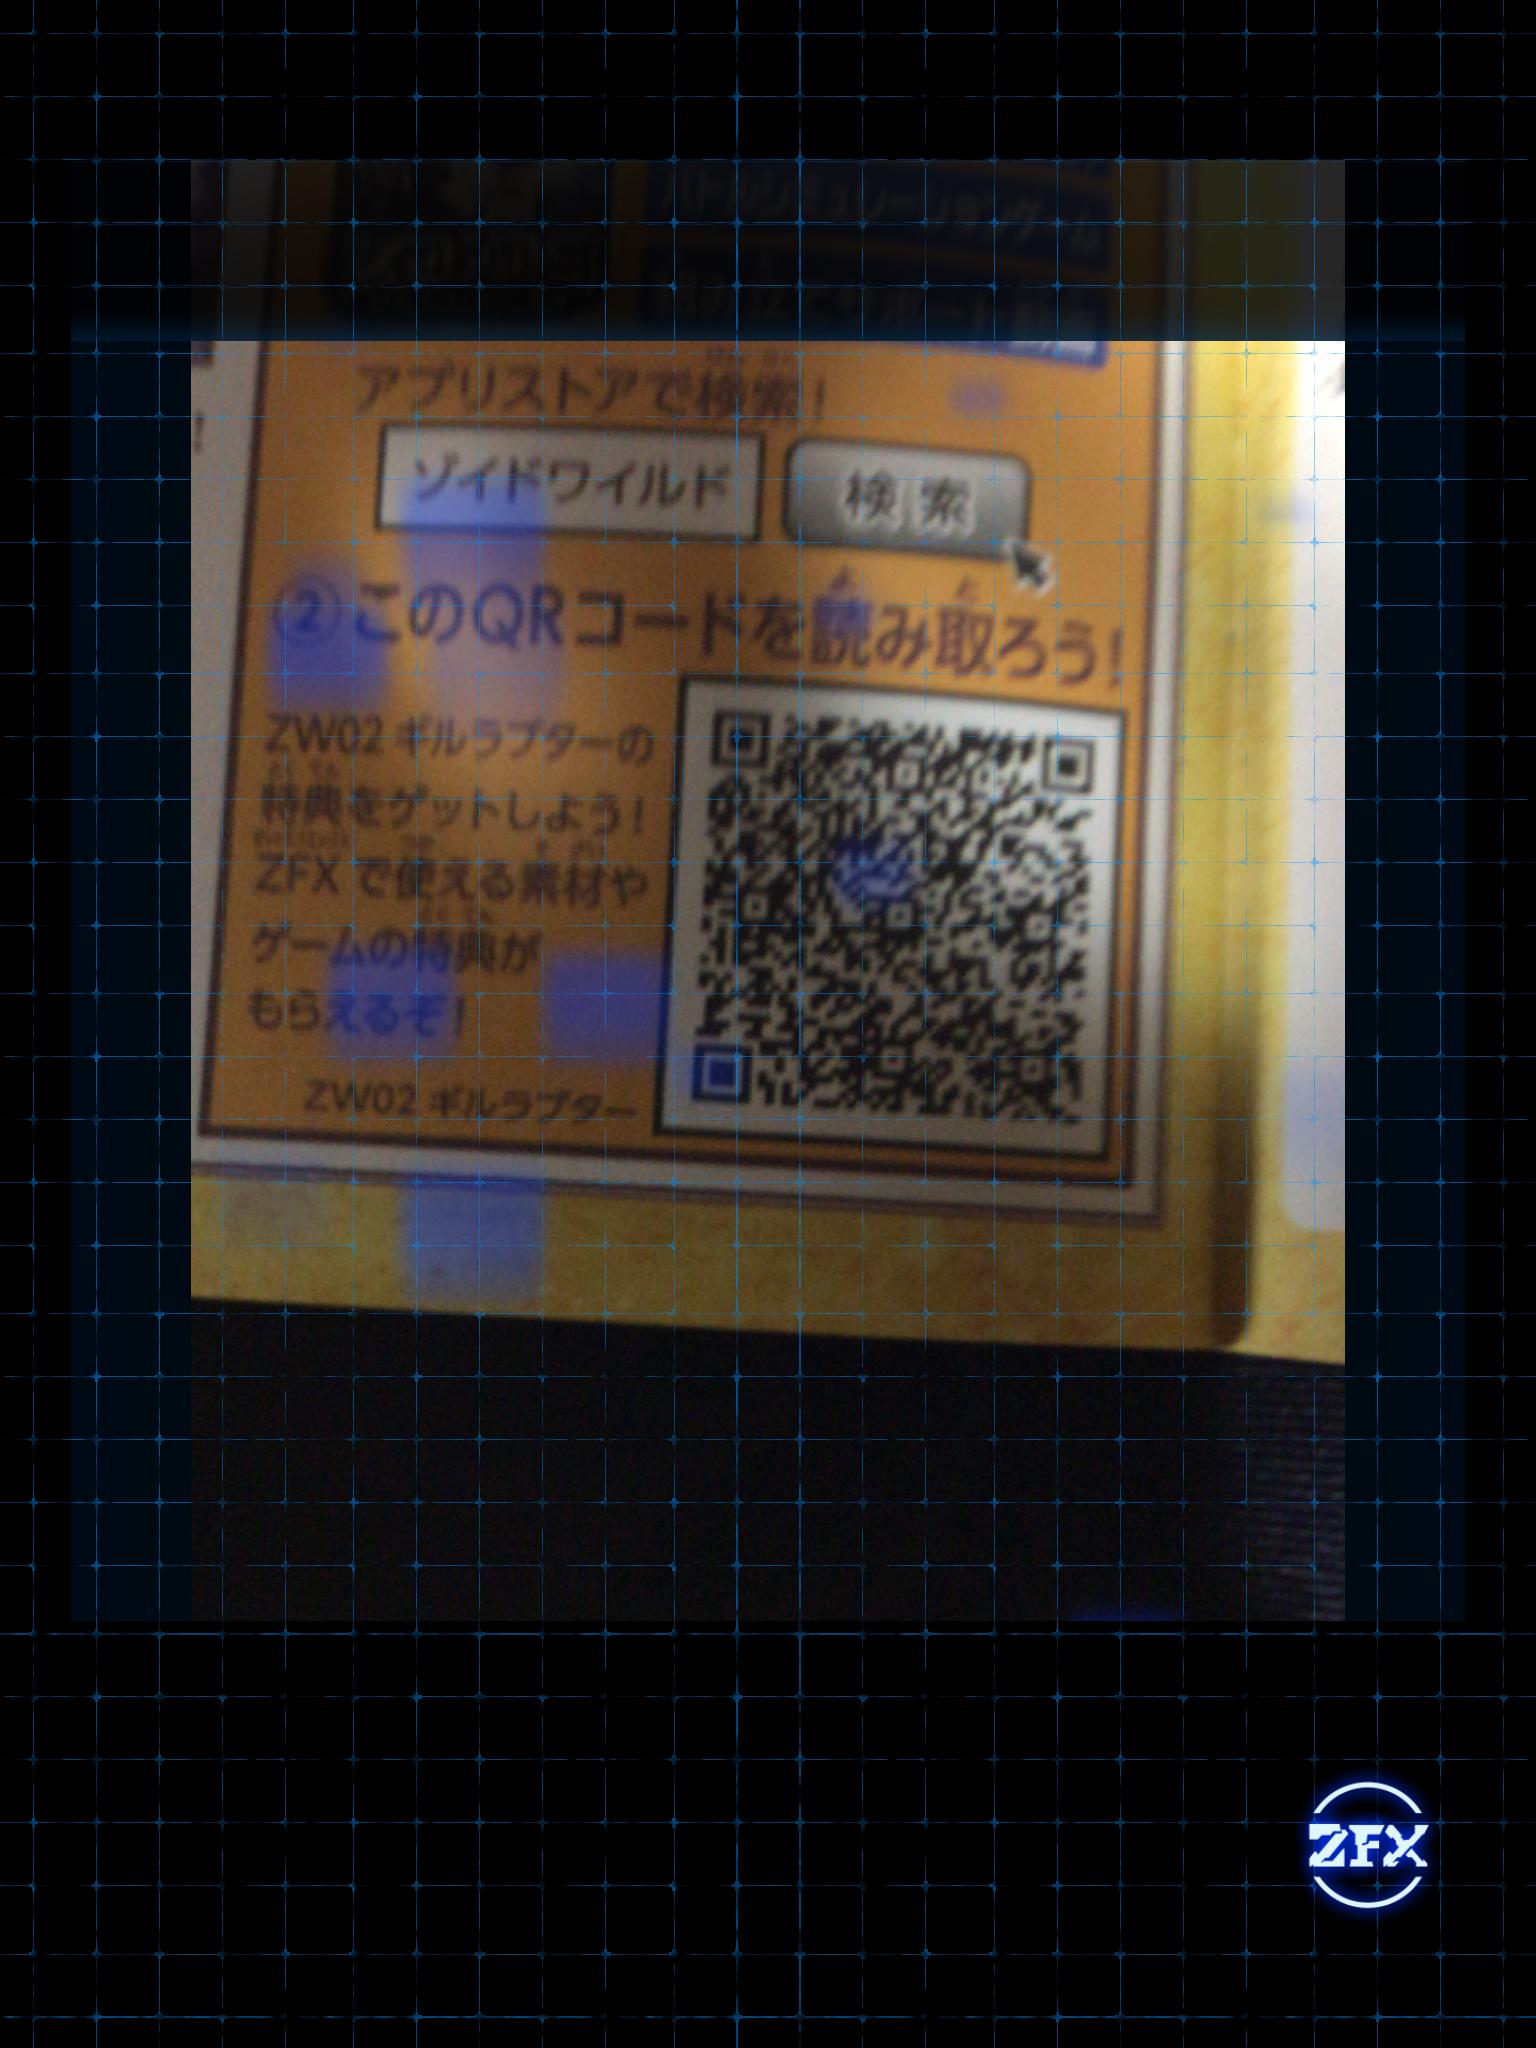 QRコードの読み取りとゾイドワイルドアプリ